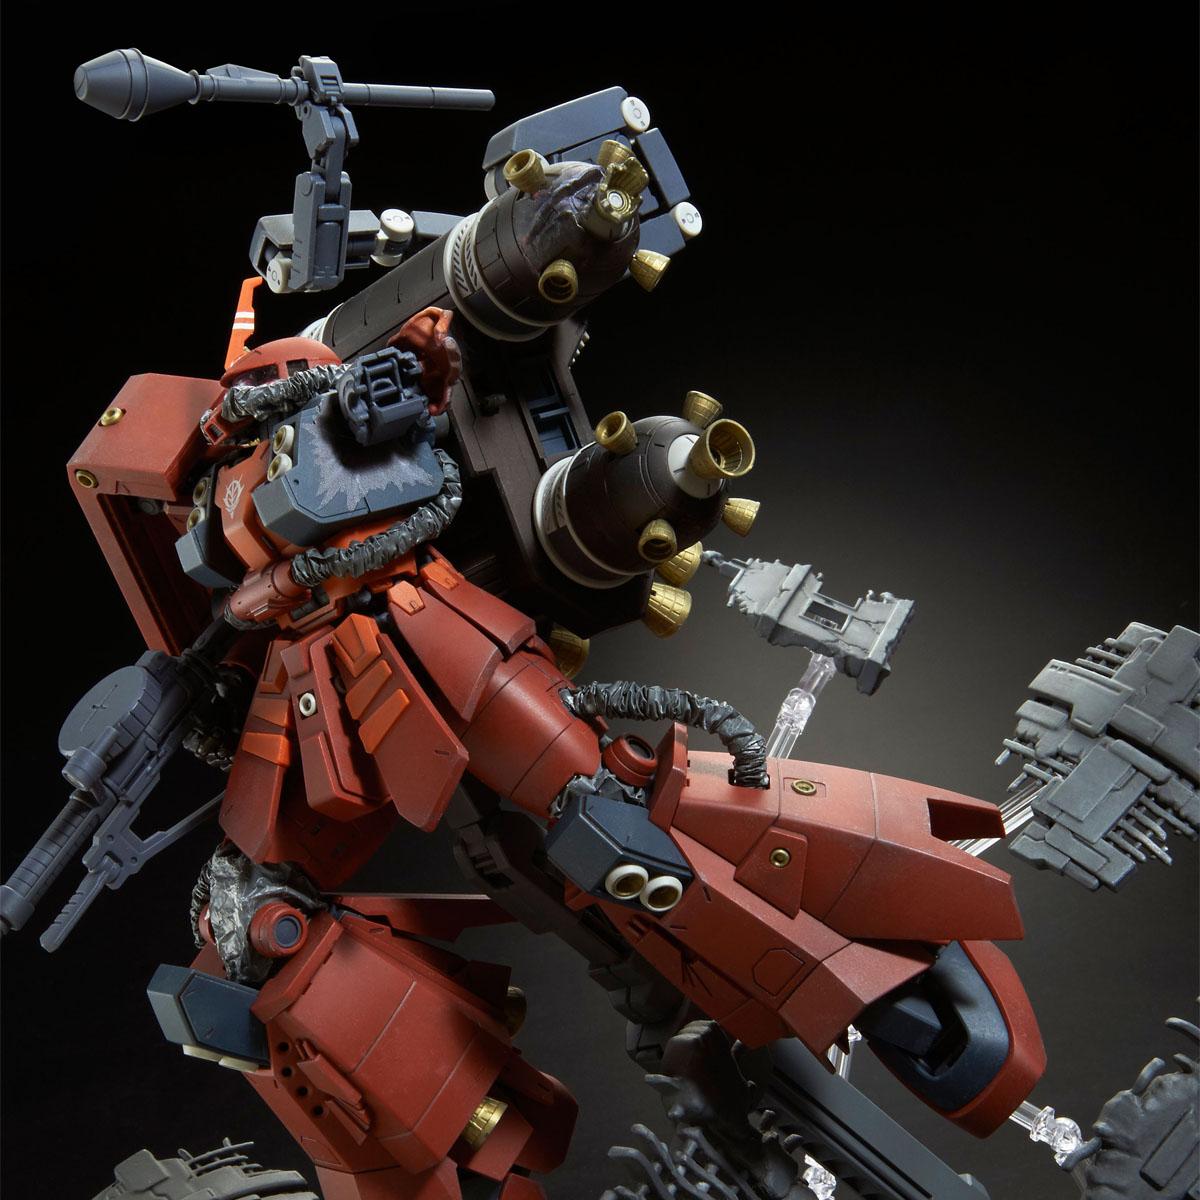 """53967MG 1/100 MS-06R 高機動型ザク """"サイコ・ザク"""" (GUNDAM THUNDERBOLT版) ラストセッションVer. [Zaku II High Mobility Type """"Psycho Zaku"""" (Gundam Thunderbolt) Last Session Ver.]"""